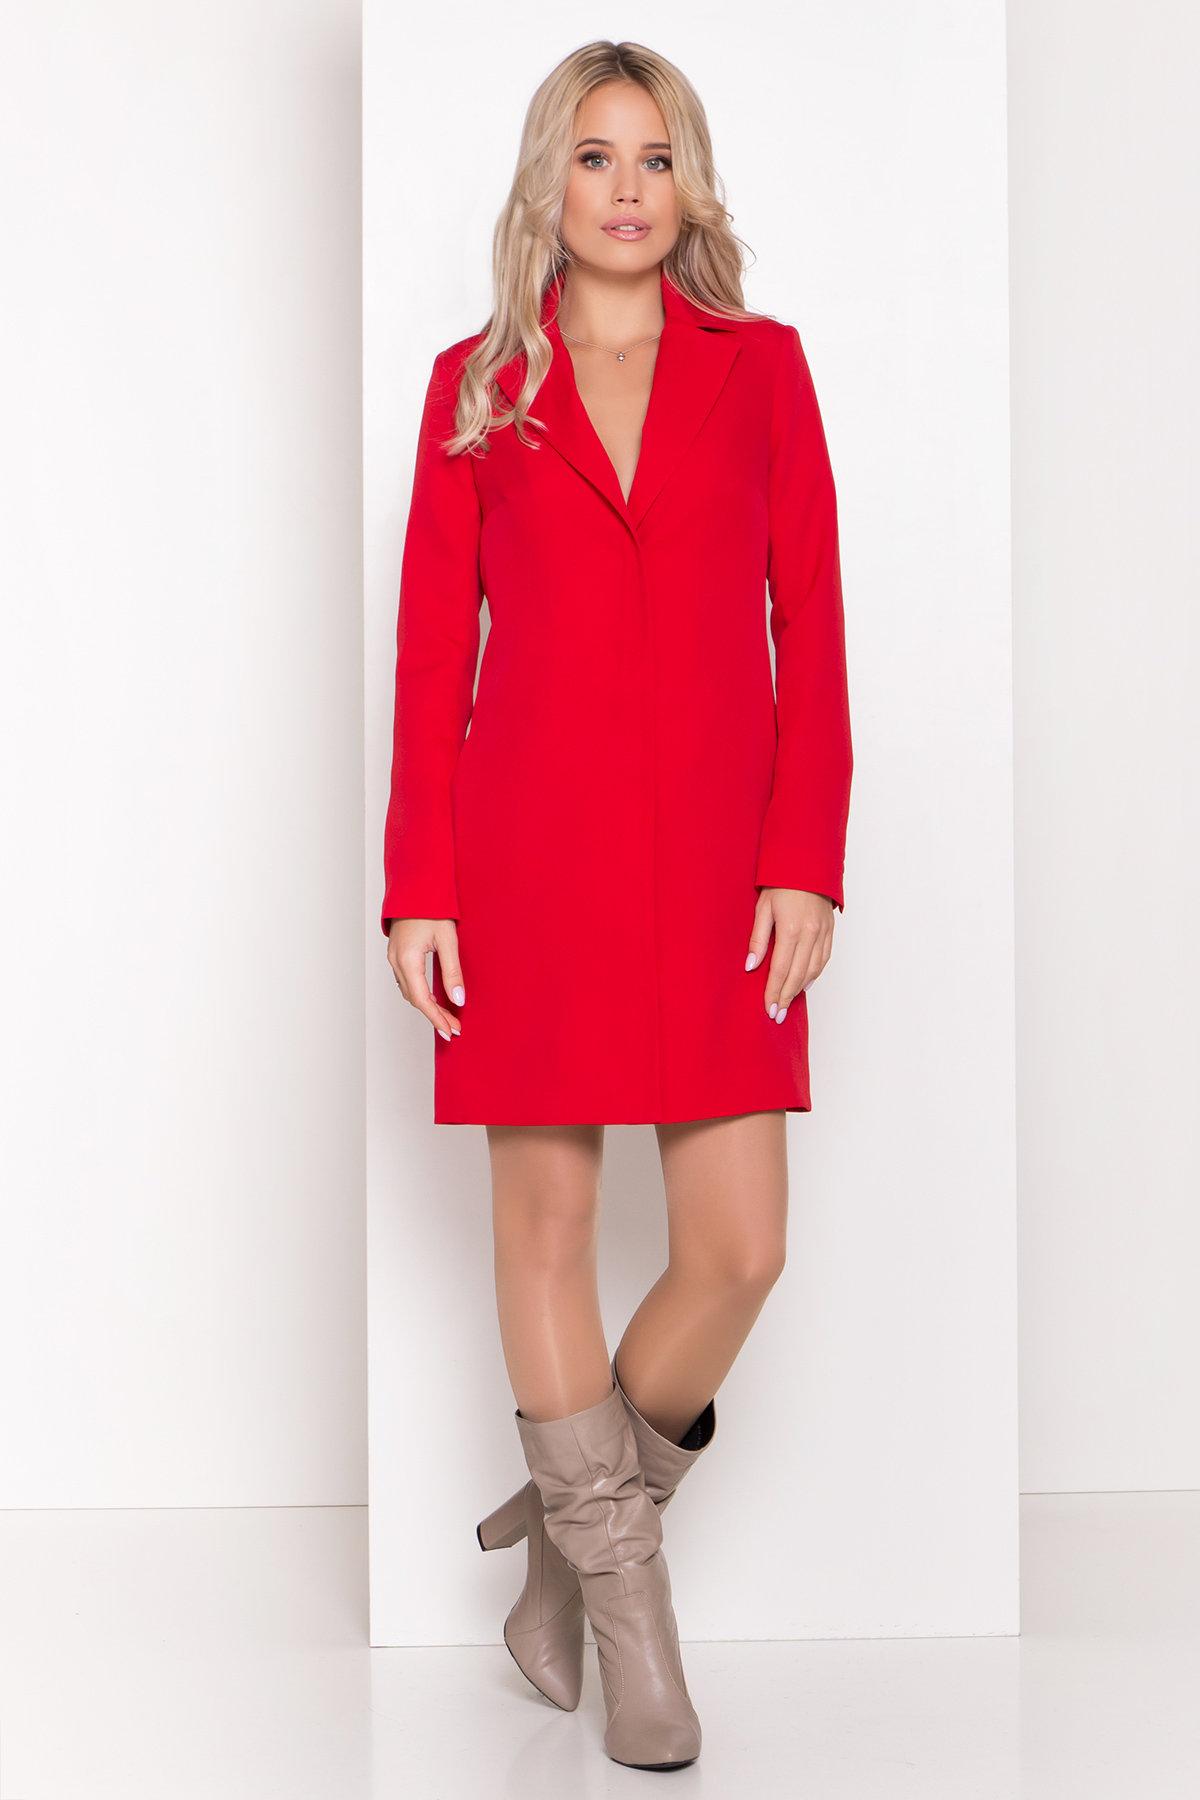 Стильное платье-жакет Маркиза 8095 АРТ. 44461 Цвет: Красный - фото 1, интернет магазин tm-modus.ru